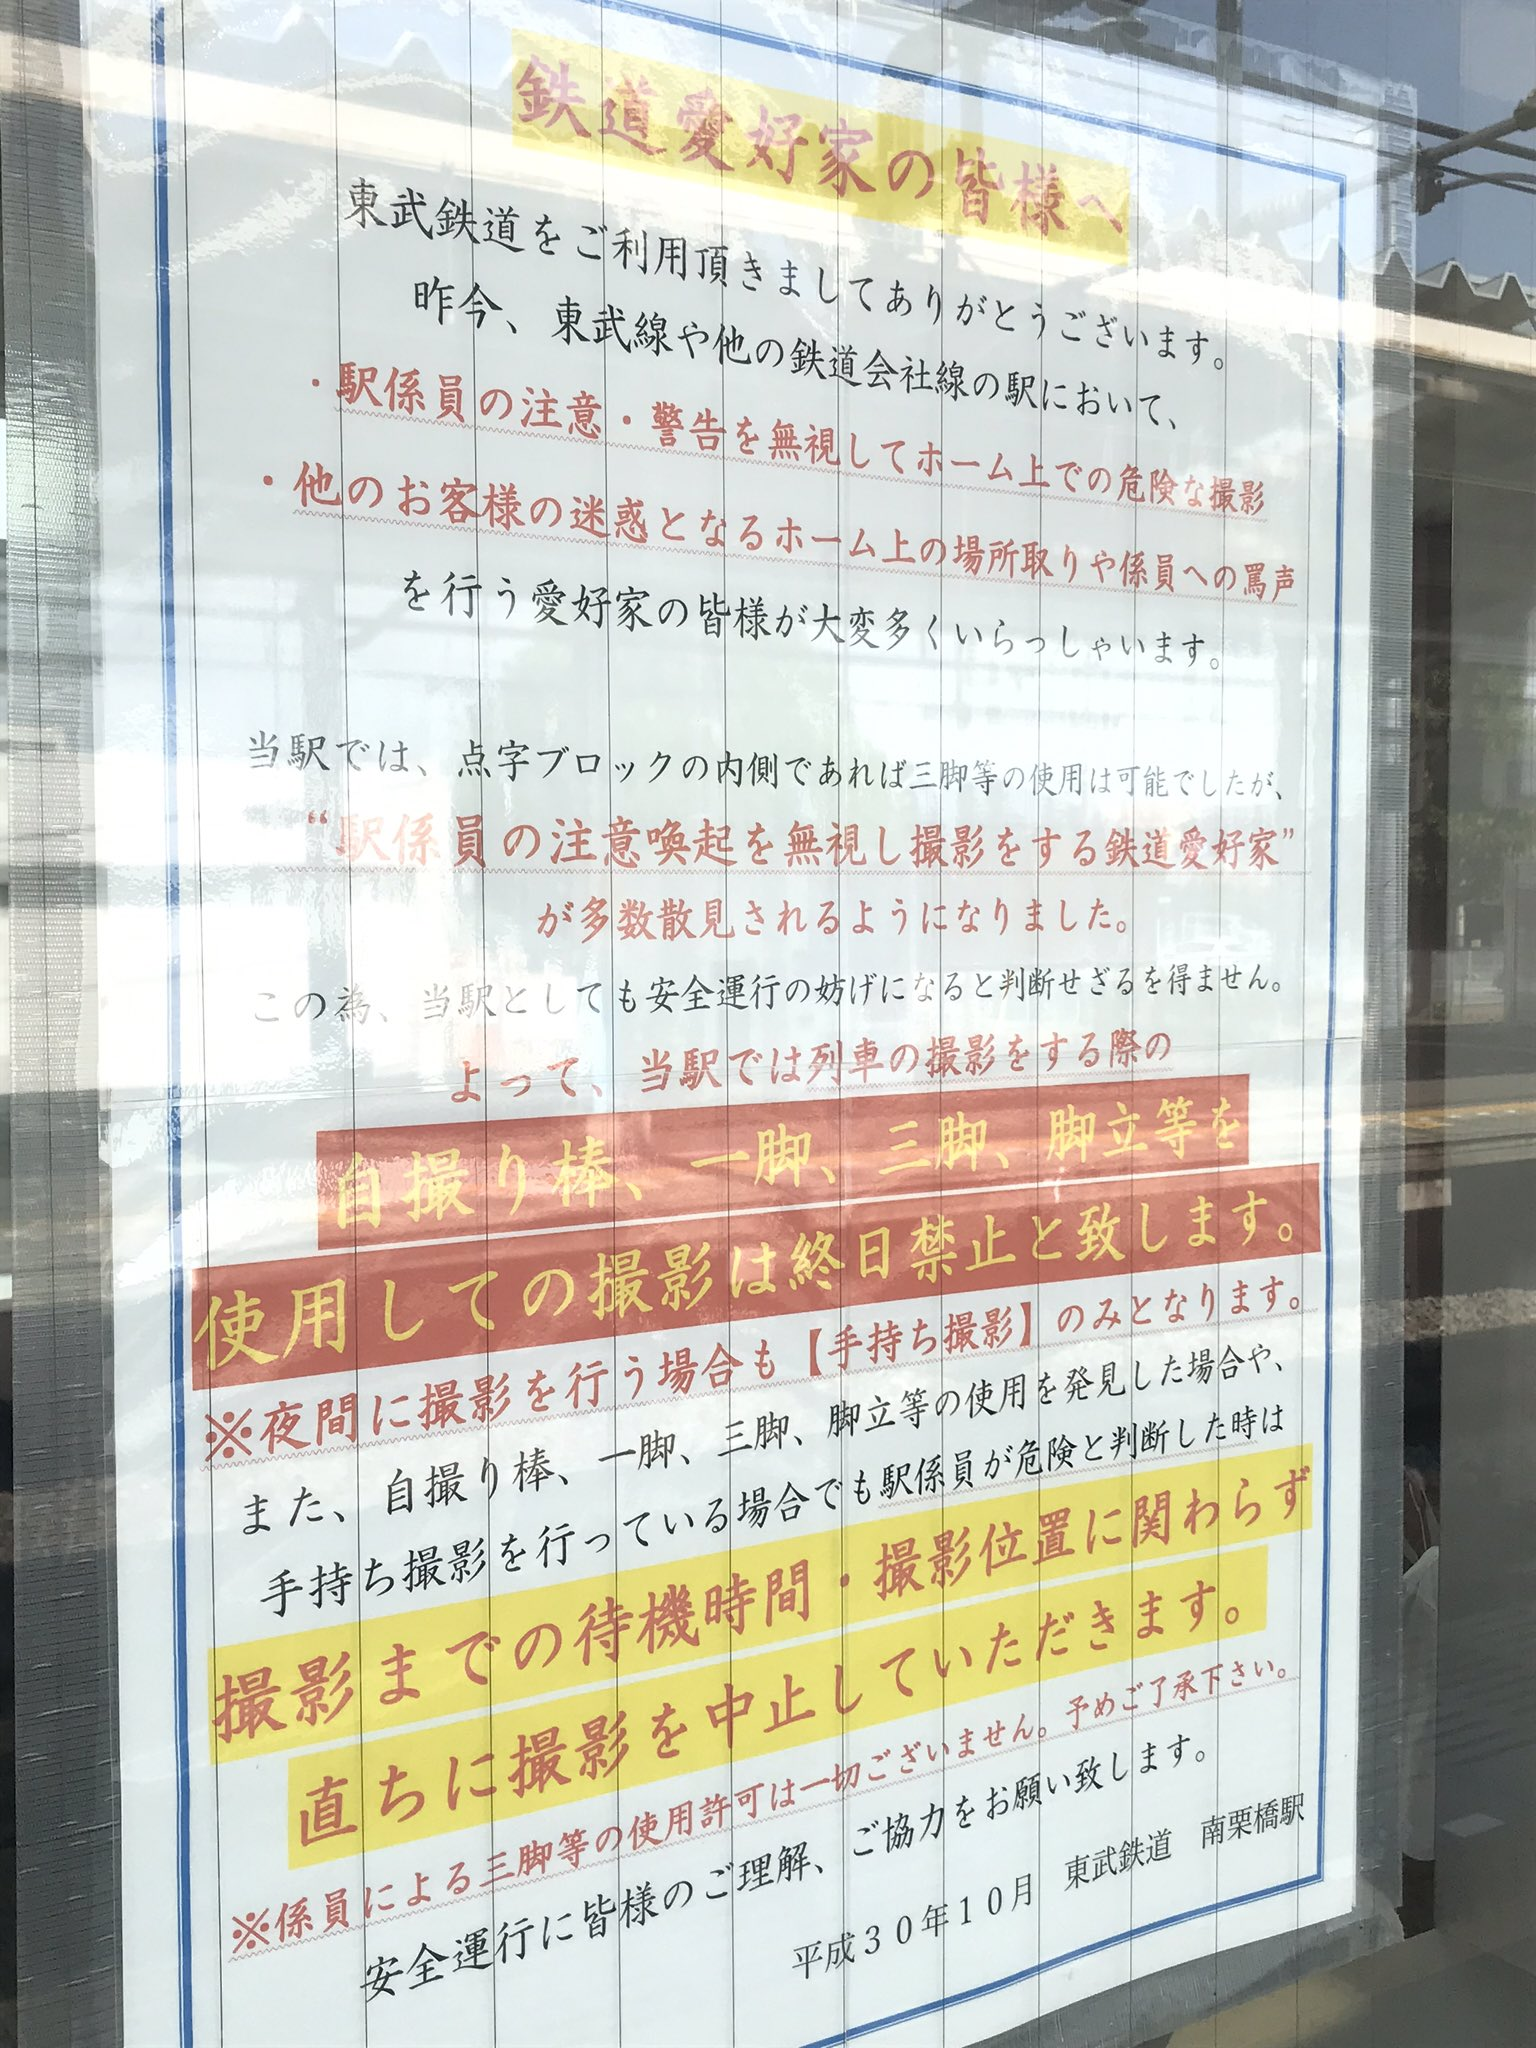 【鉄道会社が撮り鉄に厳しい理由】「日本一厳しい」東武日光線南栗橋駅 「マナー悪化で撮影禁止」の理由が悲しすぎる